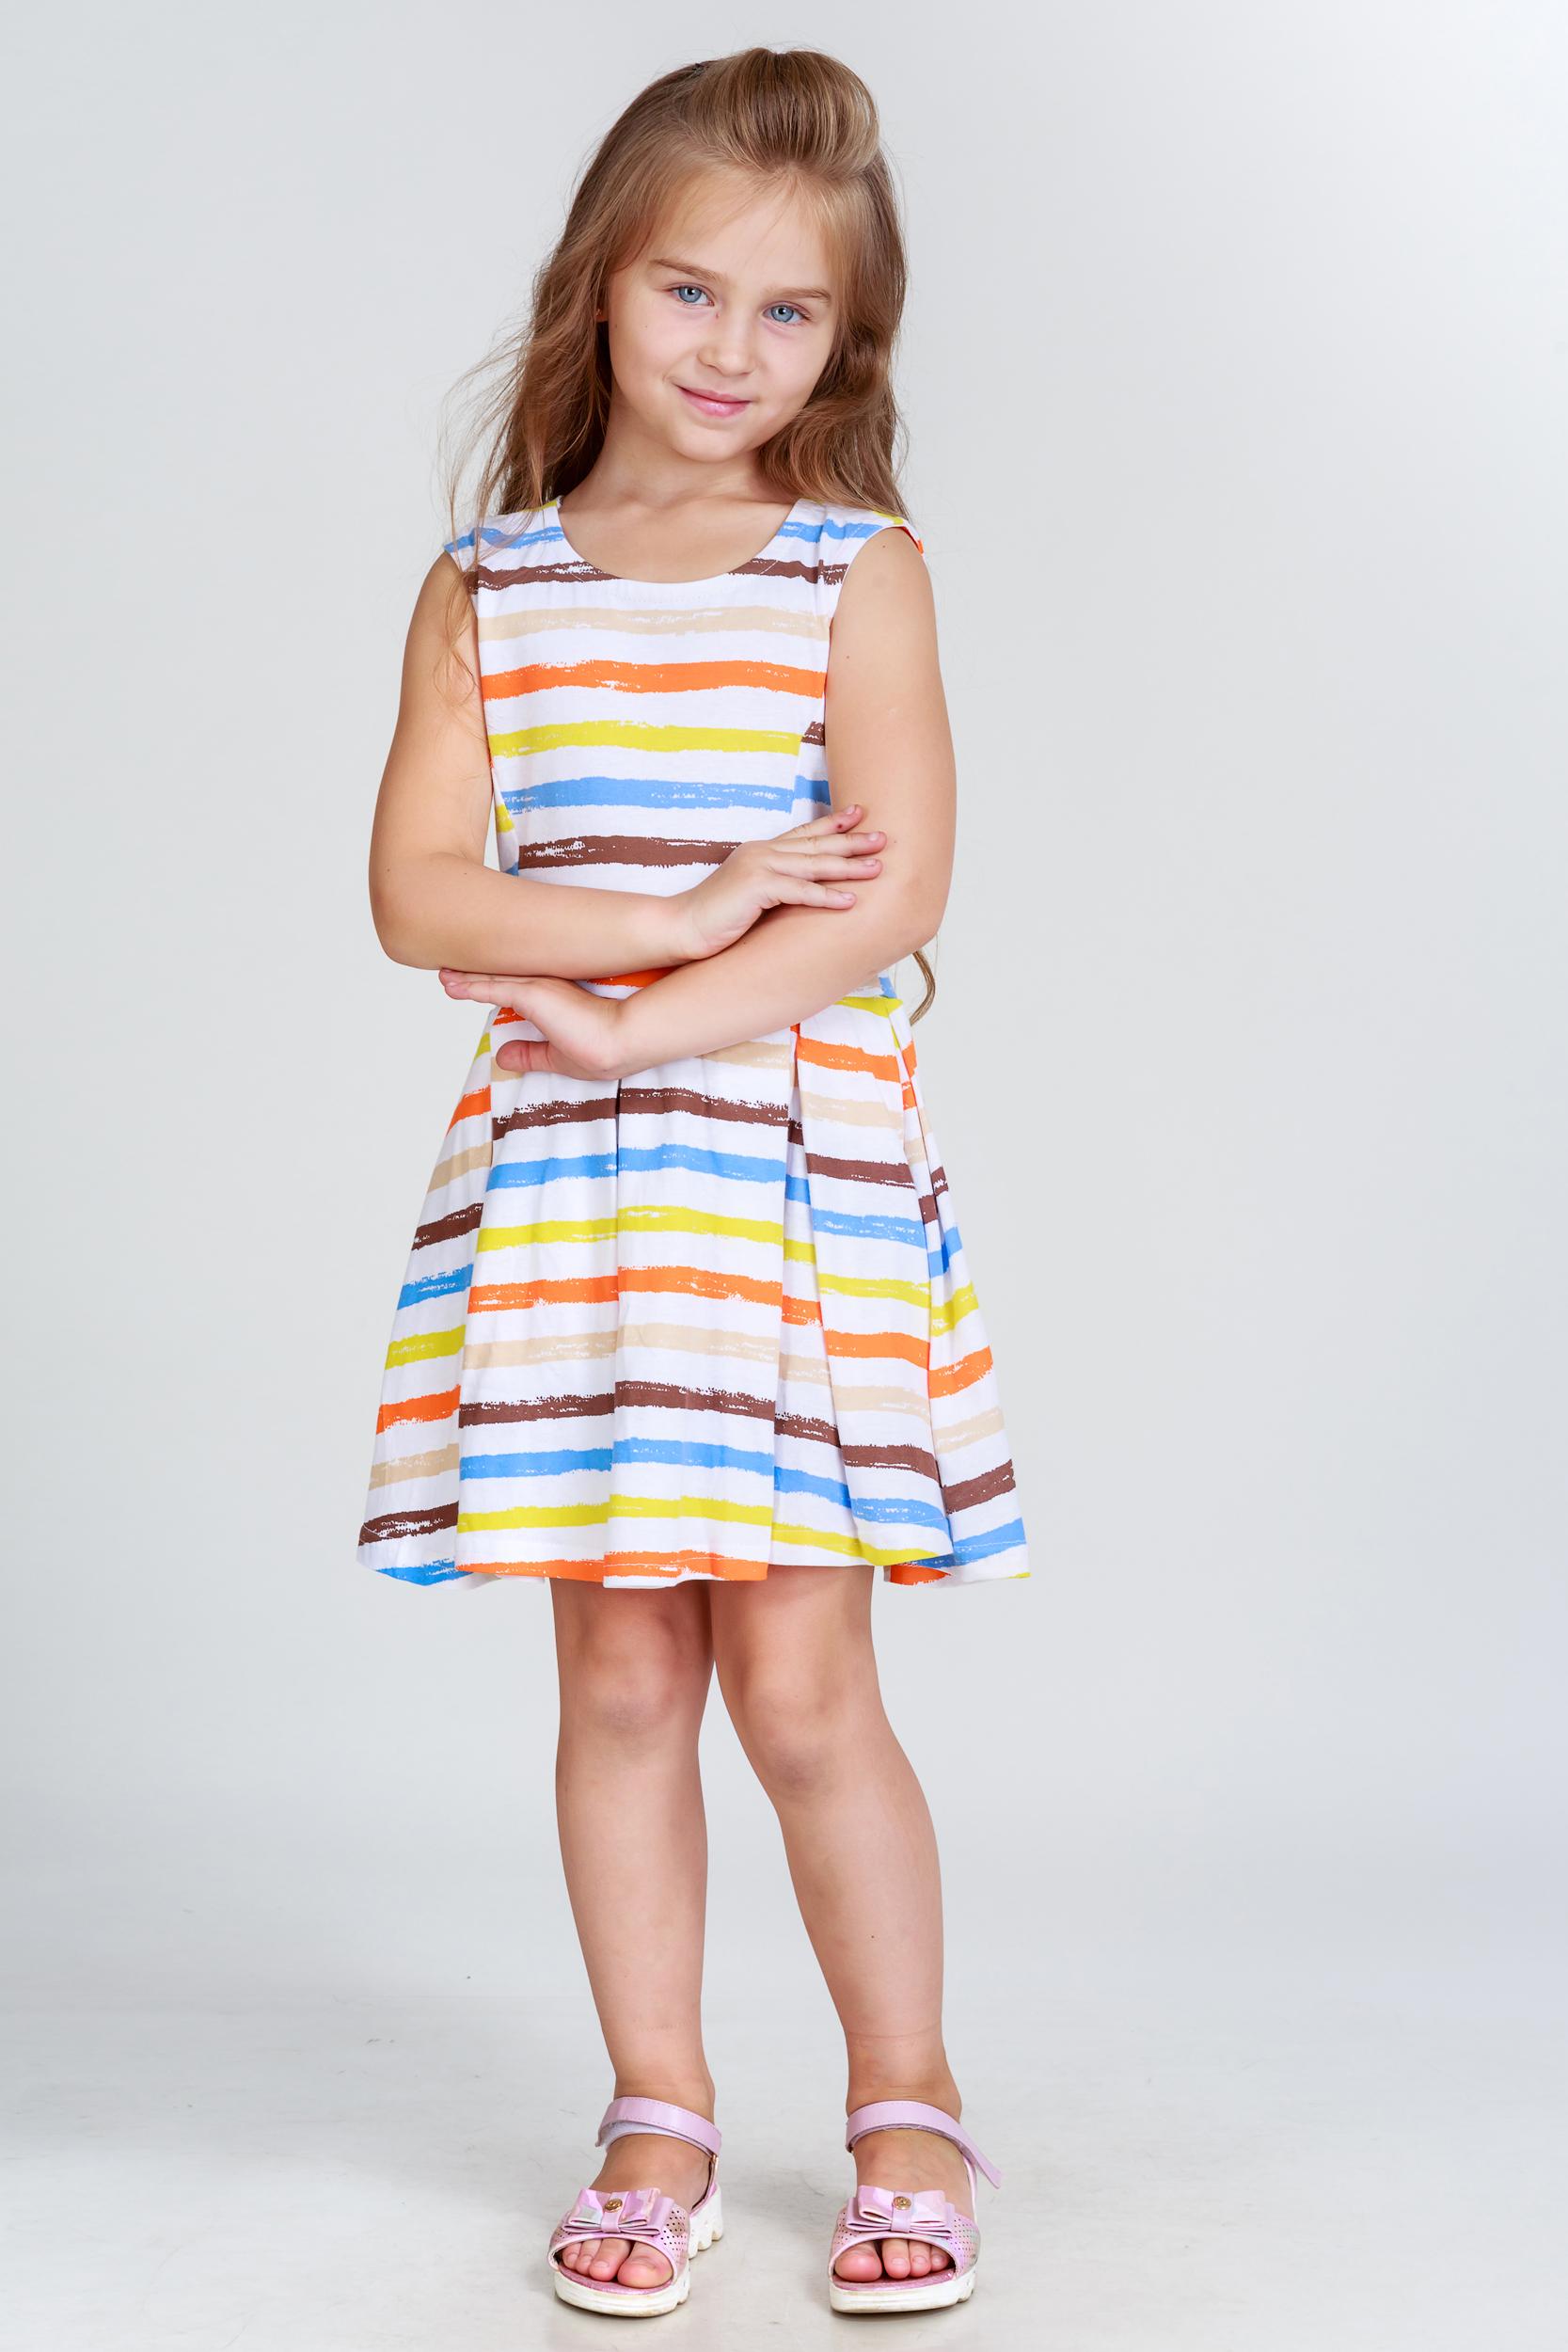 Детские туники, сарафаны Pastilla Платье Васильки (7 лет) купить часы мальчику 7 лет